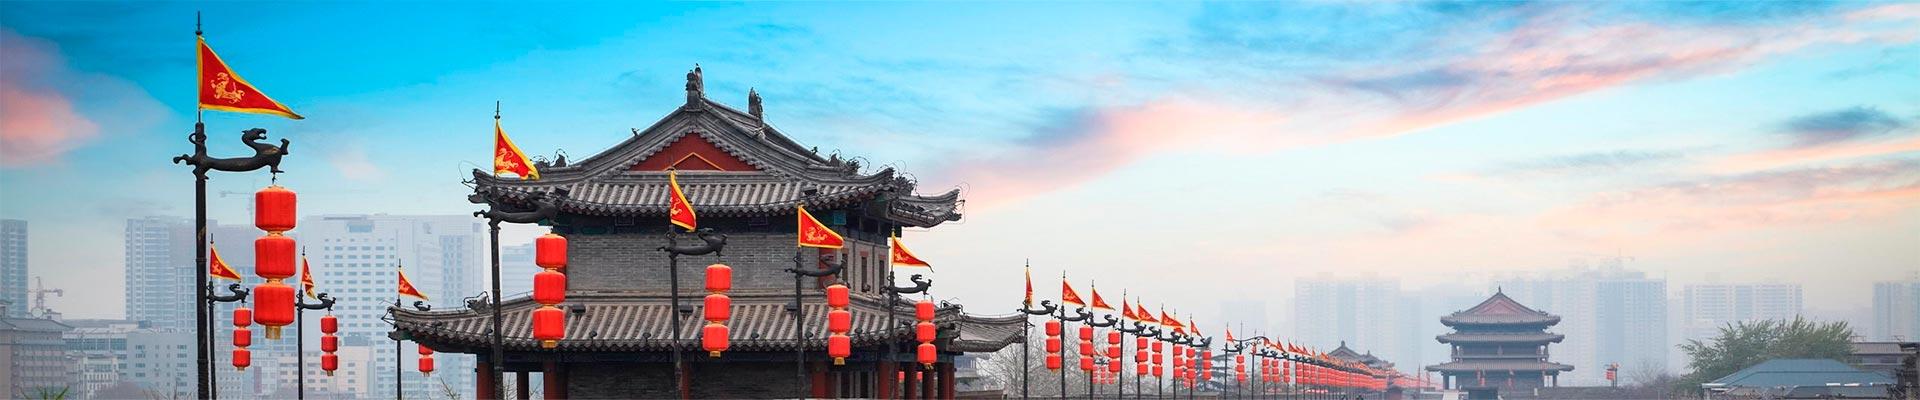 China Imperial com Cruzeiro